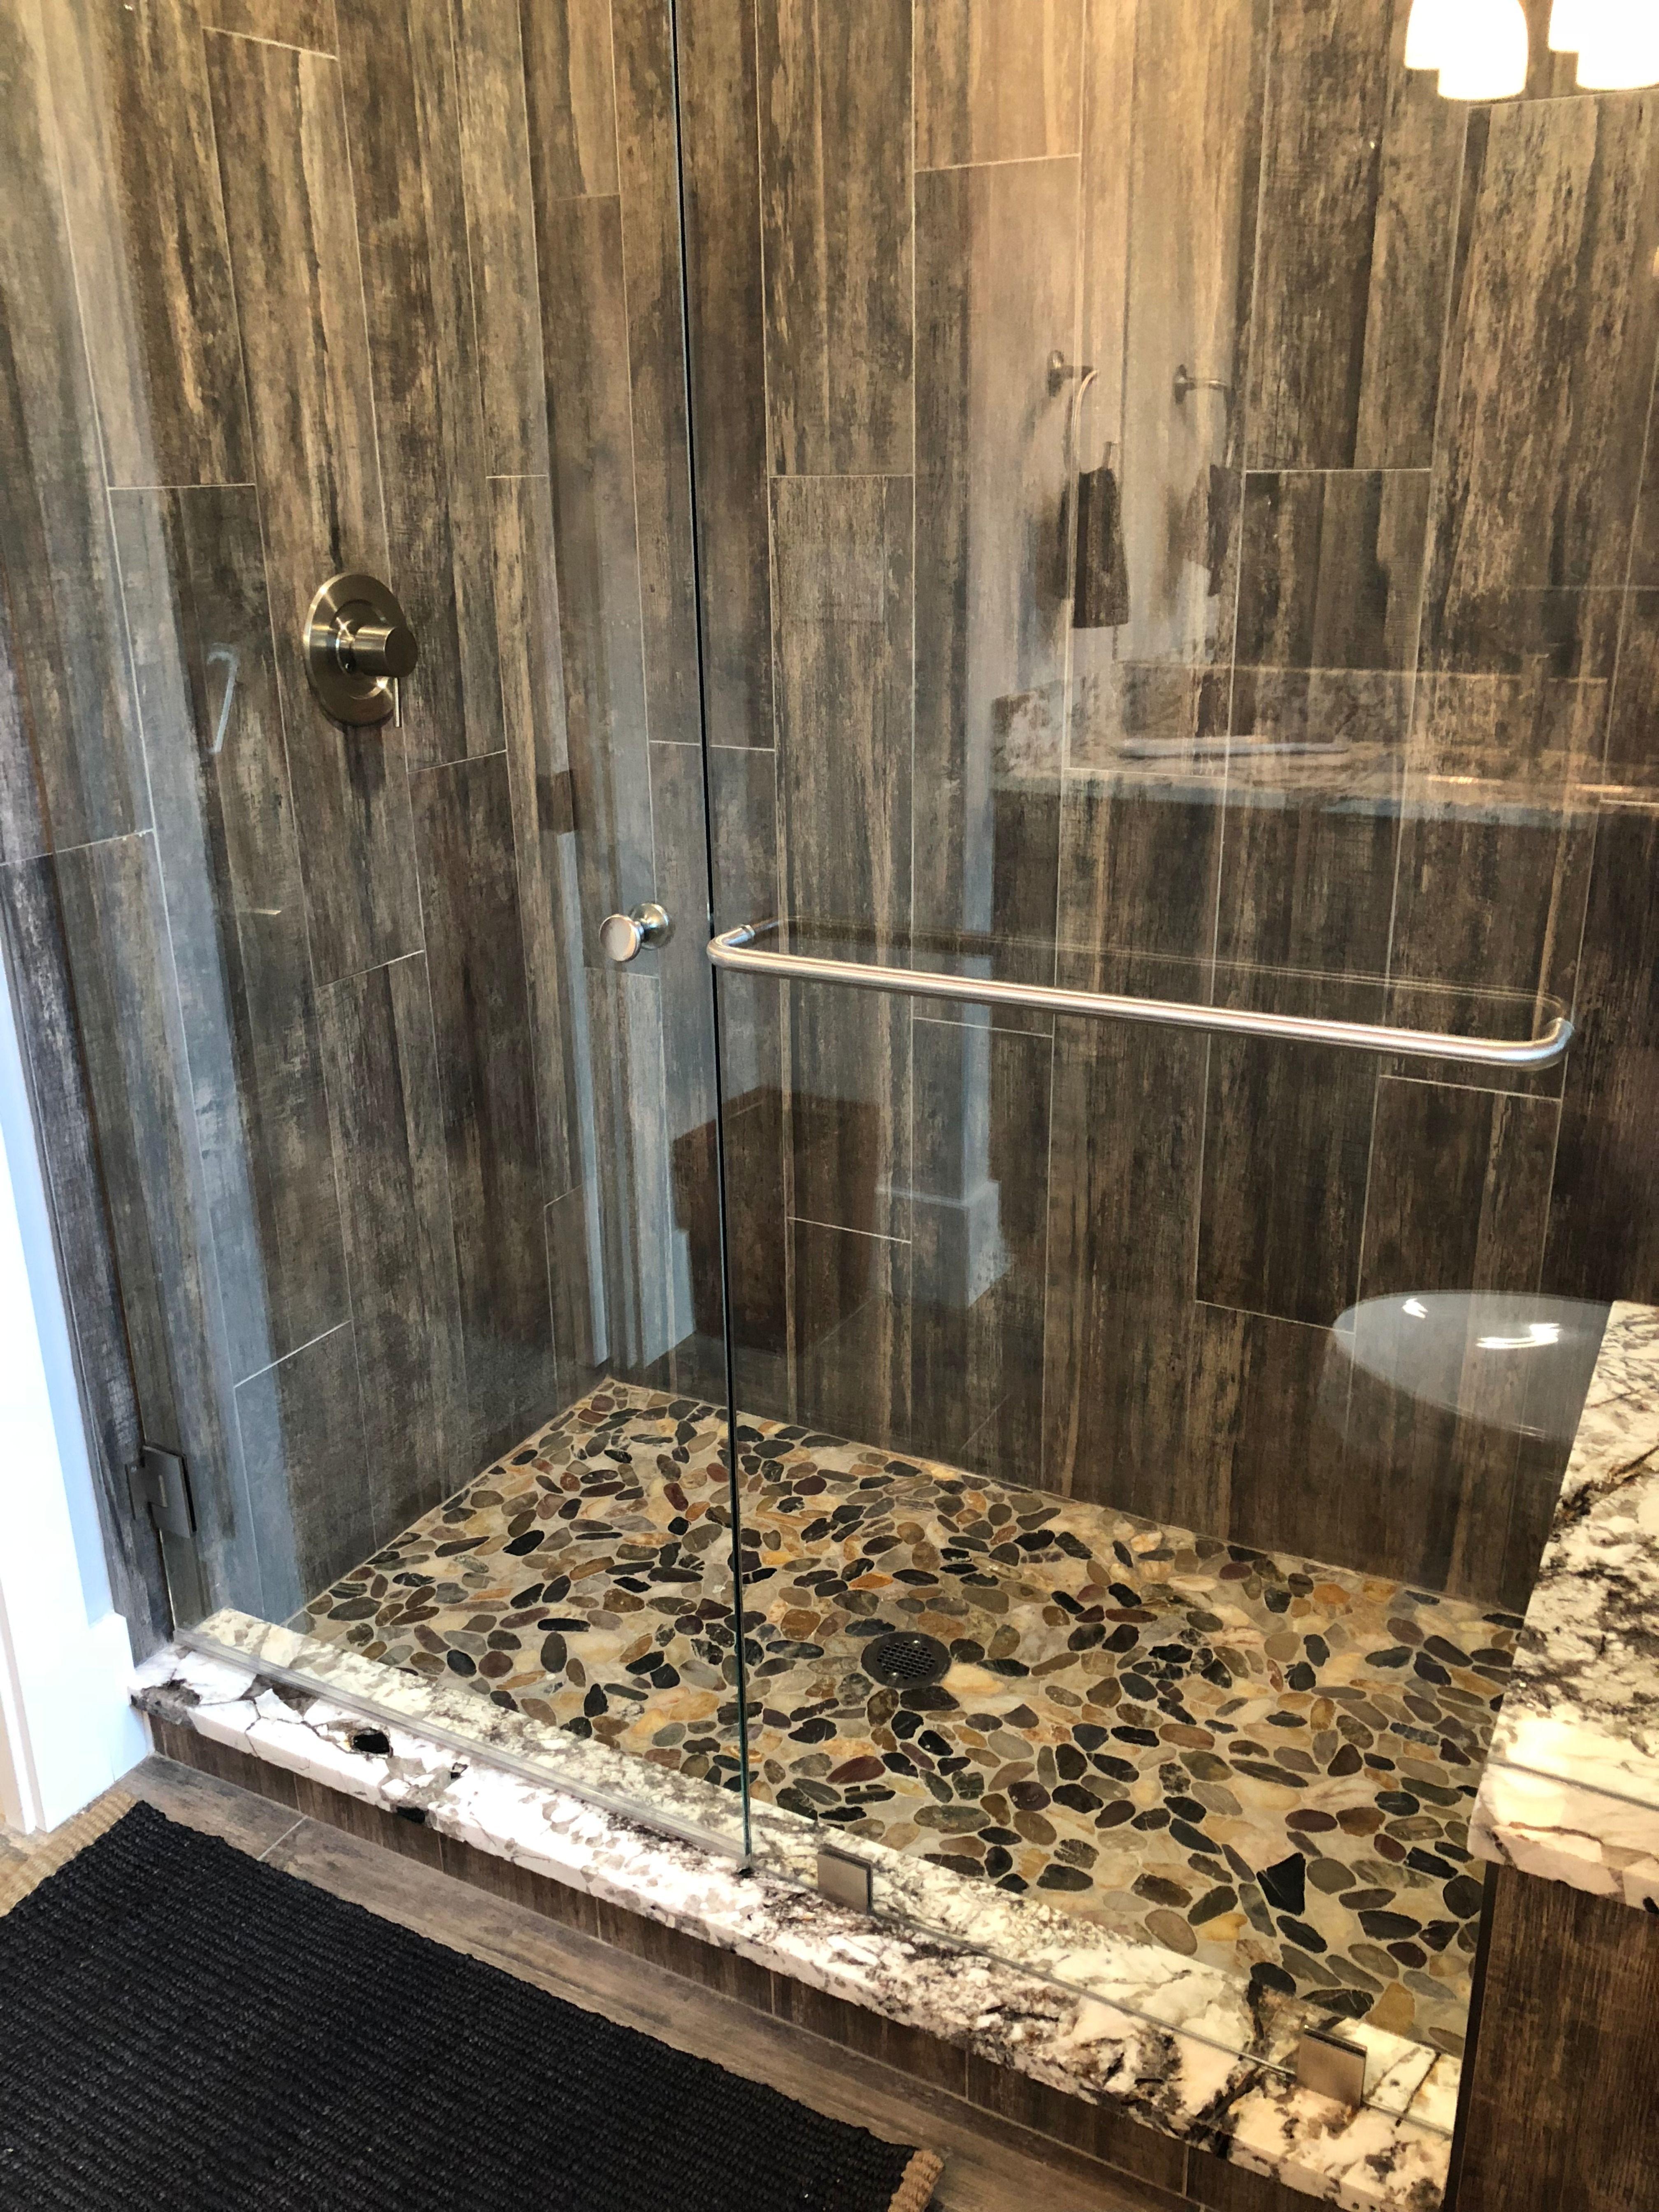 Wood Tile Shower Walls Bathroom Design Inspiration Wood Tile Shower Pebble Floor